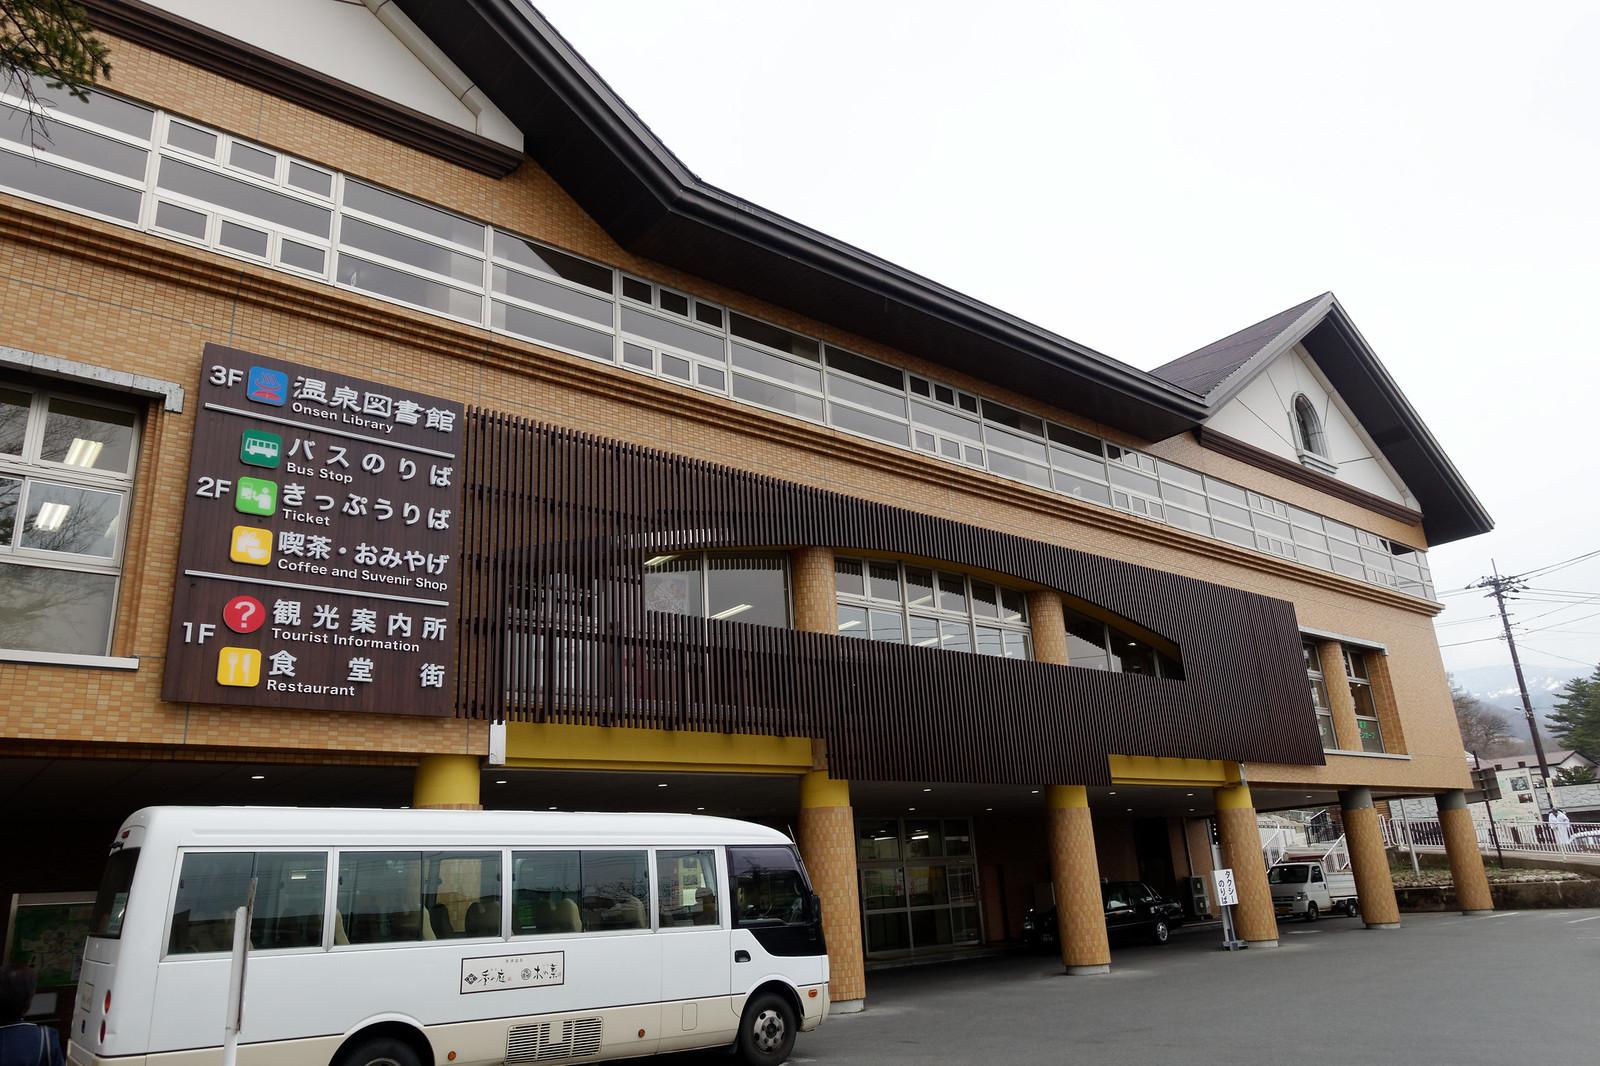 草津温泉 温泉図書館